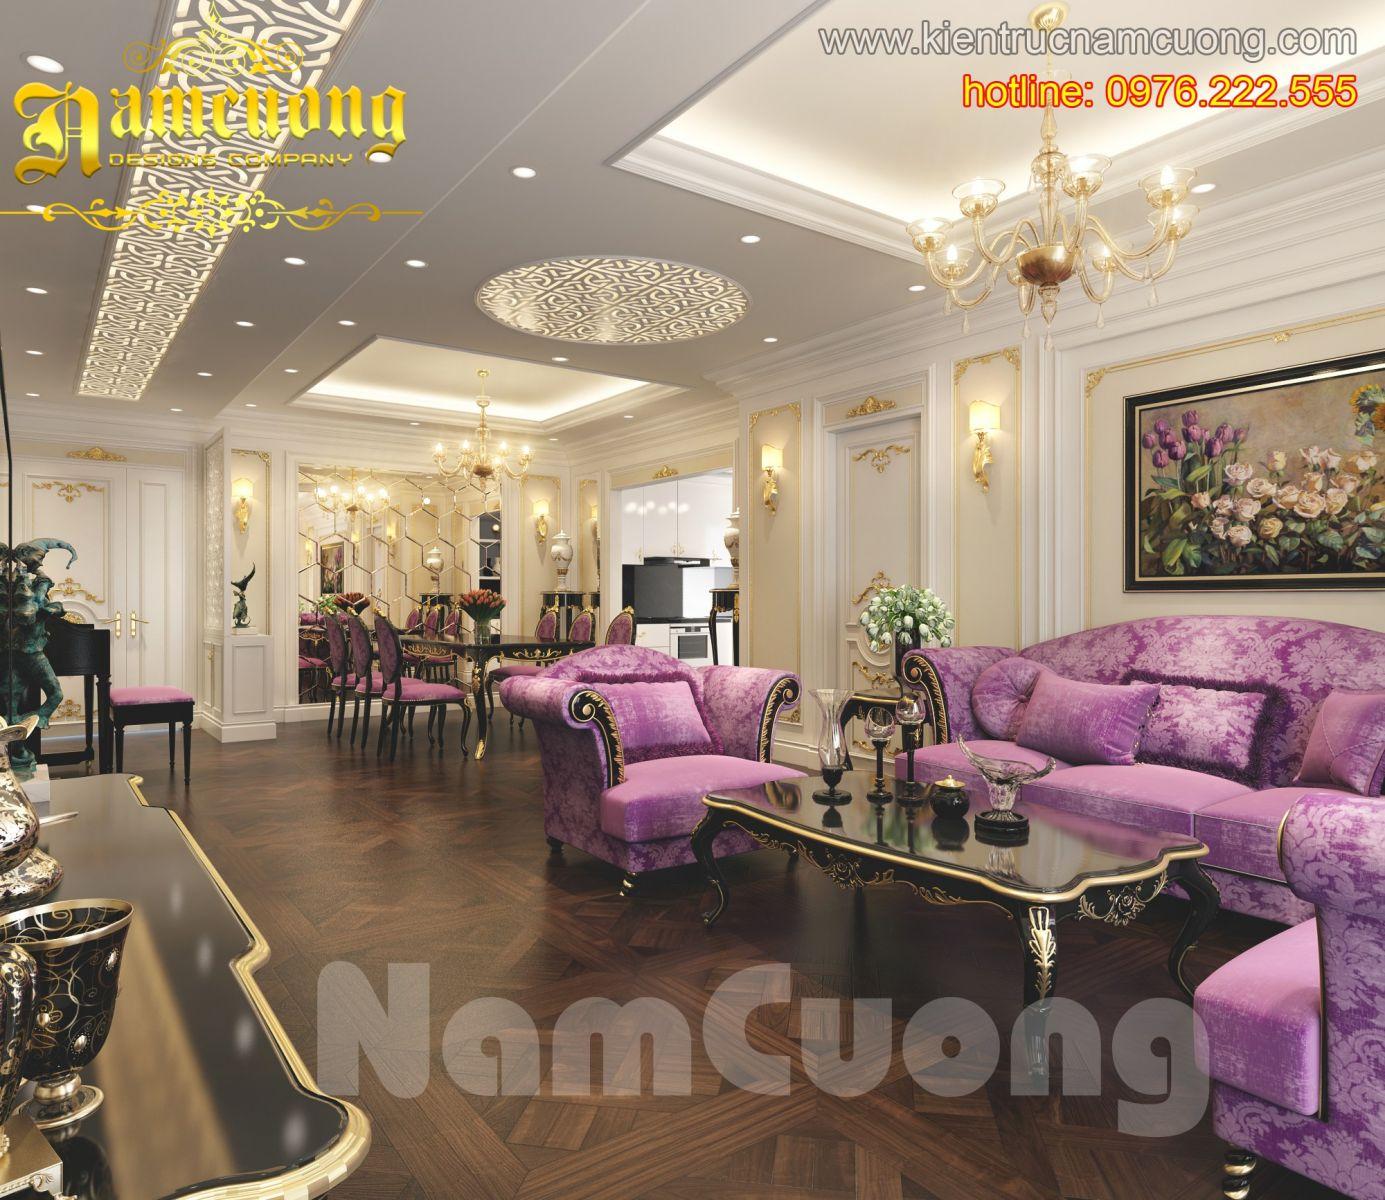 Thiết kế nội thất đẹp biệt thự Pháp tại Quảng Ninh - NTBTP 001